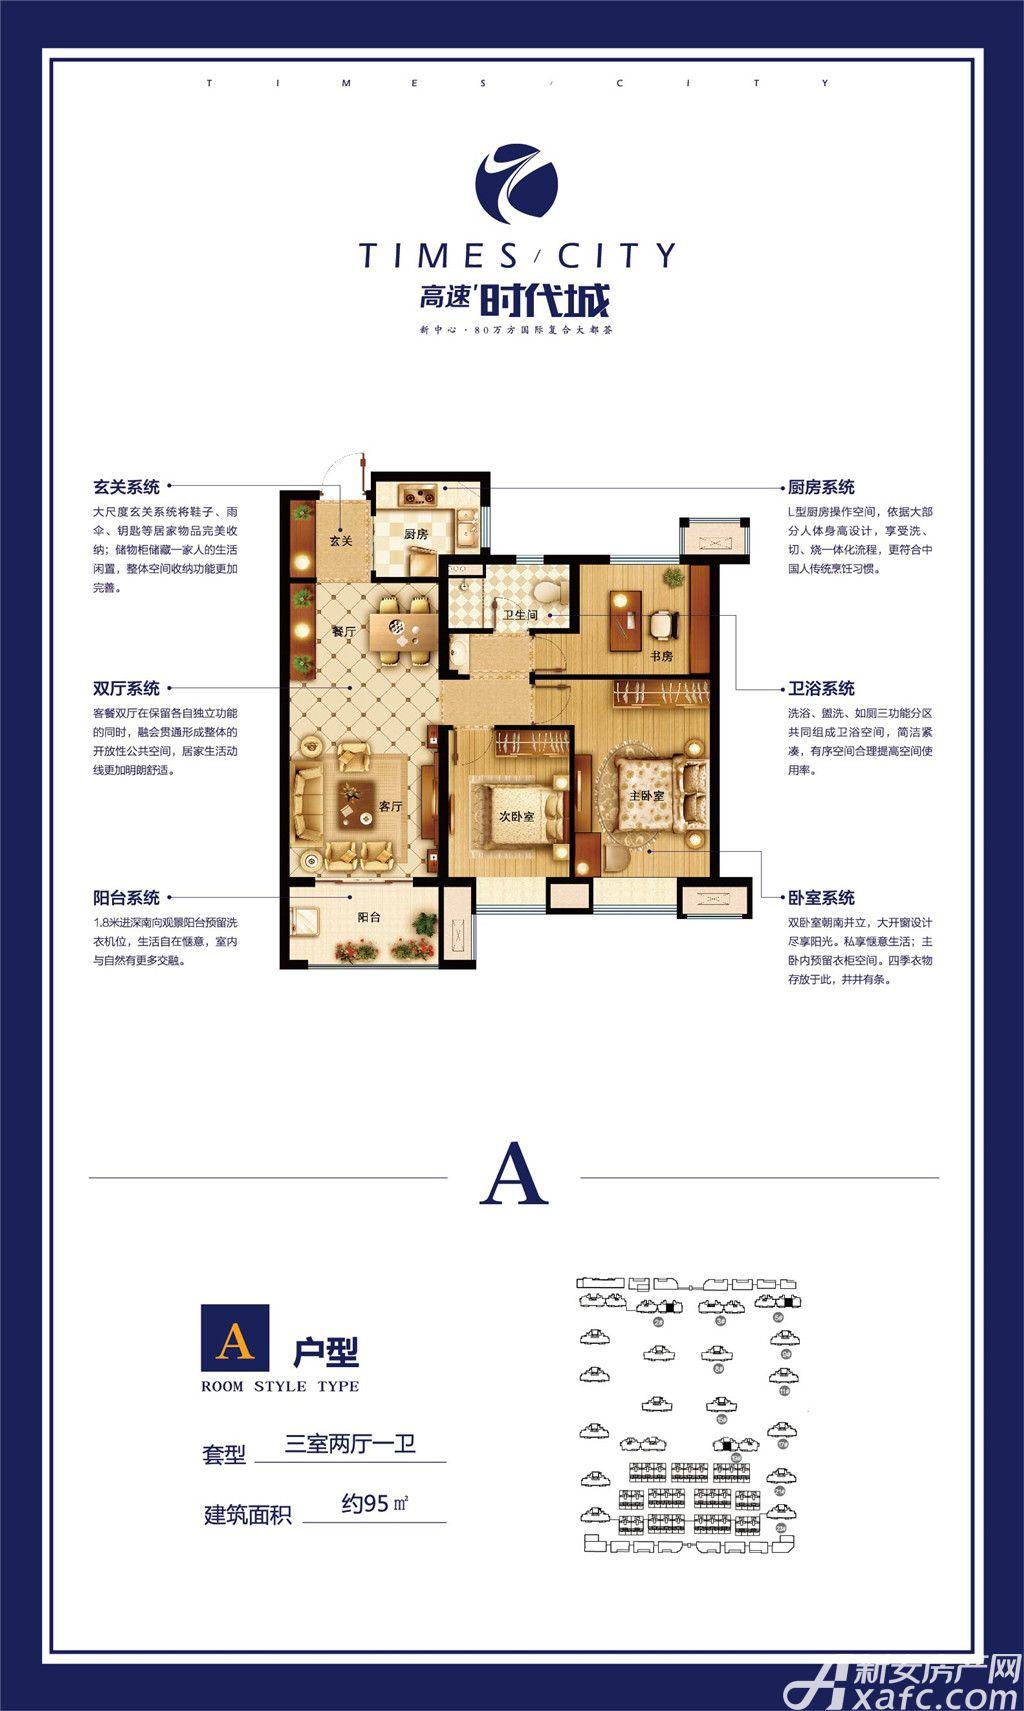 高速时代城A户型3室2厅95平米